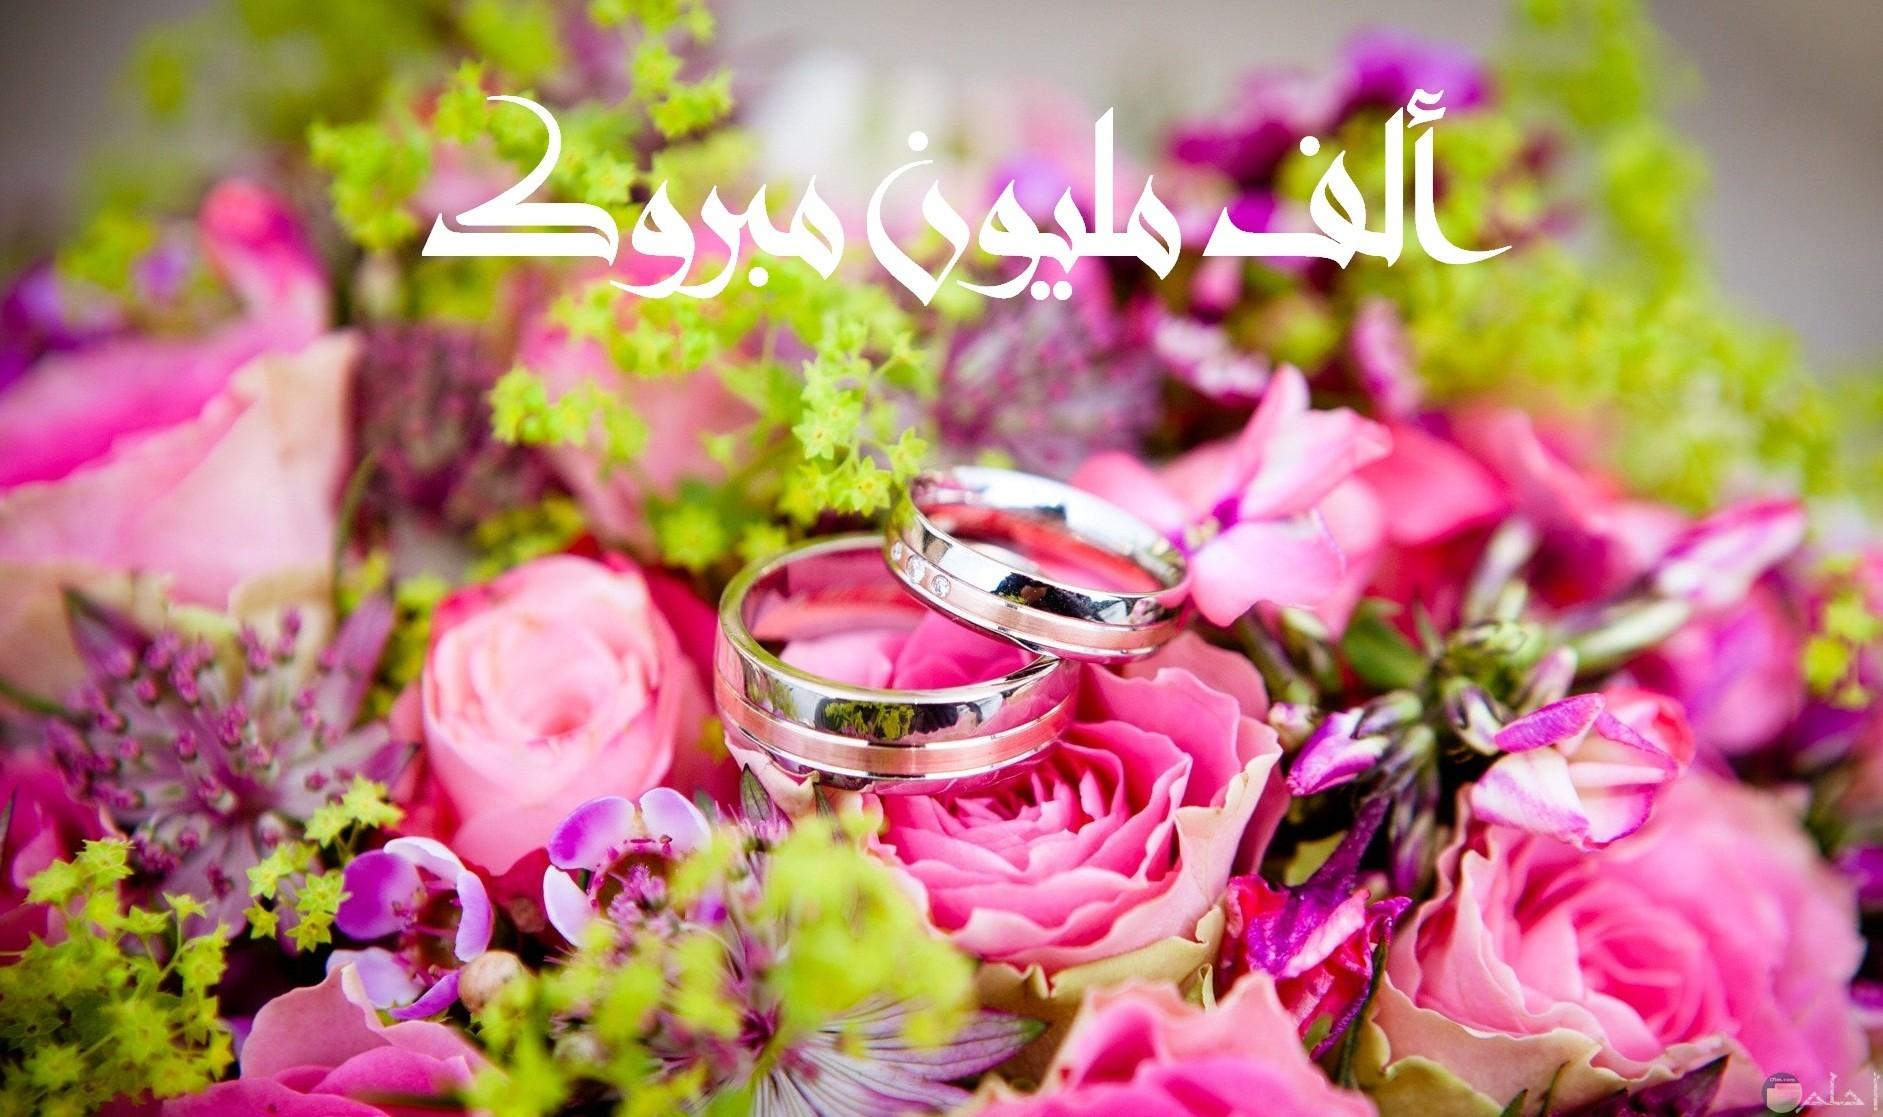 صورة تهنئة جميلة مكتوب عليها ألف مليون مبروك وباقة ورد حلوه مع خاتمين عليها